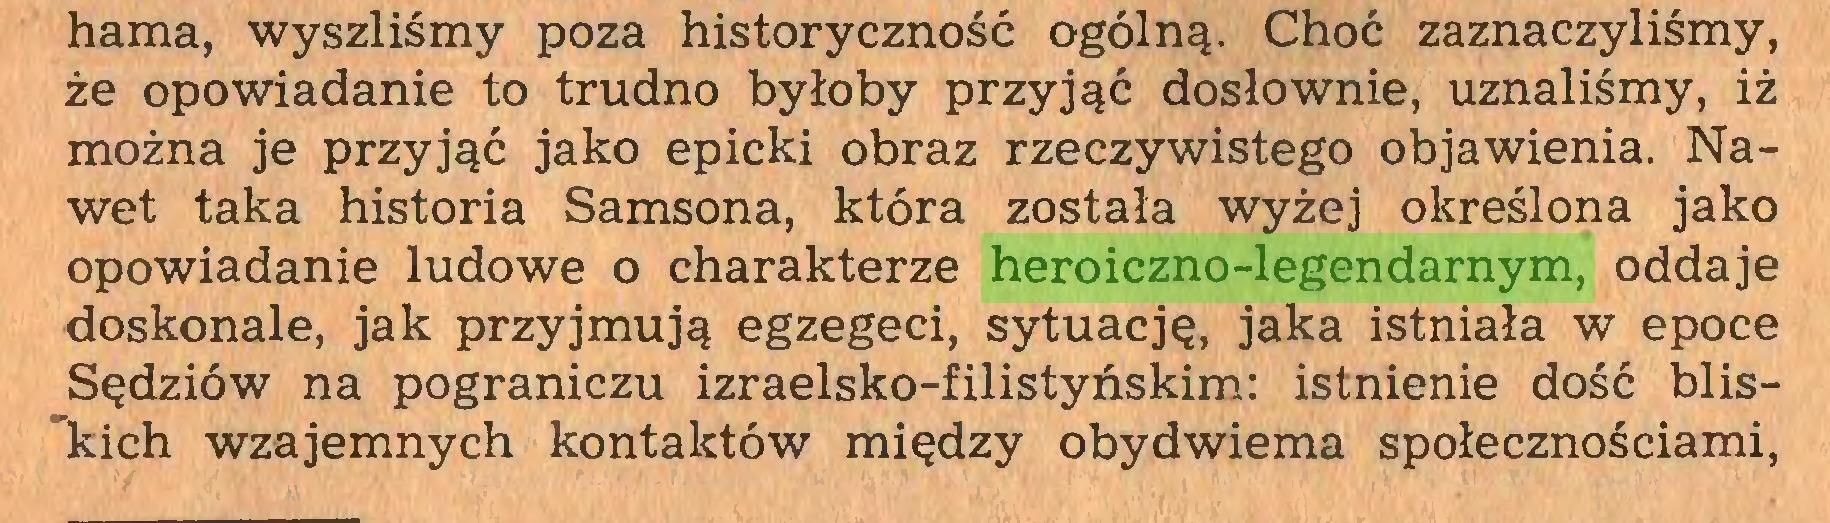 (...) hama, wyszliśmy poza historyczność ogólną. Choć zaznaczyliśmy, że opowiadanie to trudno byłoby przyjąć dosłownie, uznaliśmy, iż można je przyjąć jako epicki obraz rzeczywistego objawienia. Nawet taka historia Samsona, która została wyżej określona jako opowiadanie ludowe o charakterze heroiczno-legendarnym, oddaje doskonale, jak przyjmują egzegeci, sytuację, jaka istniała w epoce Sędziów na pograniczu izraelsko-filistyńskim: istnienie dość blis~kich wzajemnych kontaktów między obydwiema społecznościami,...